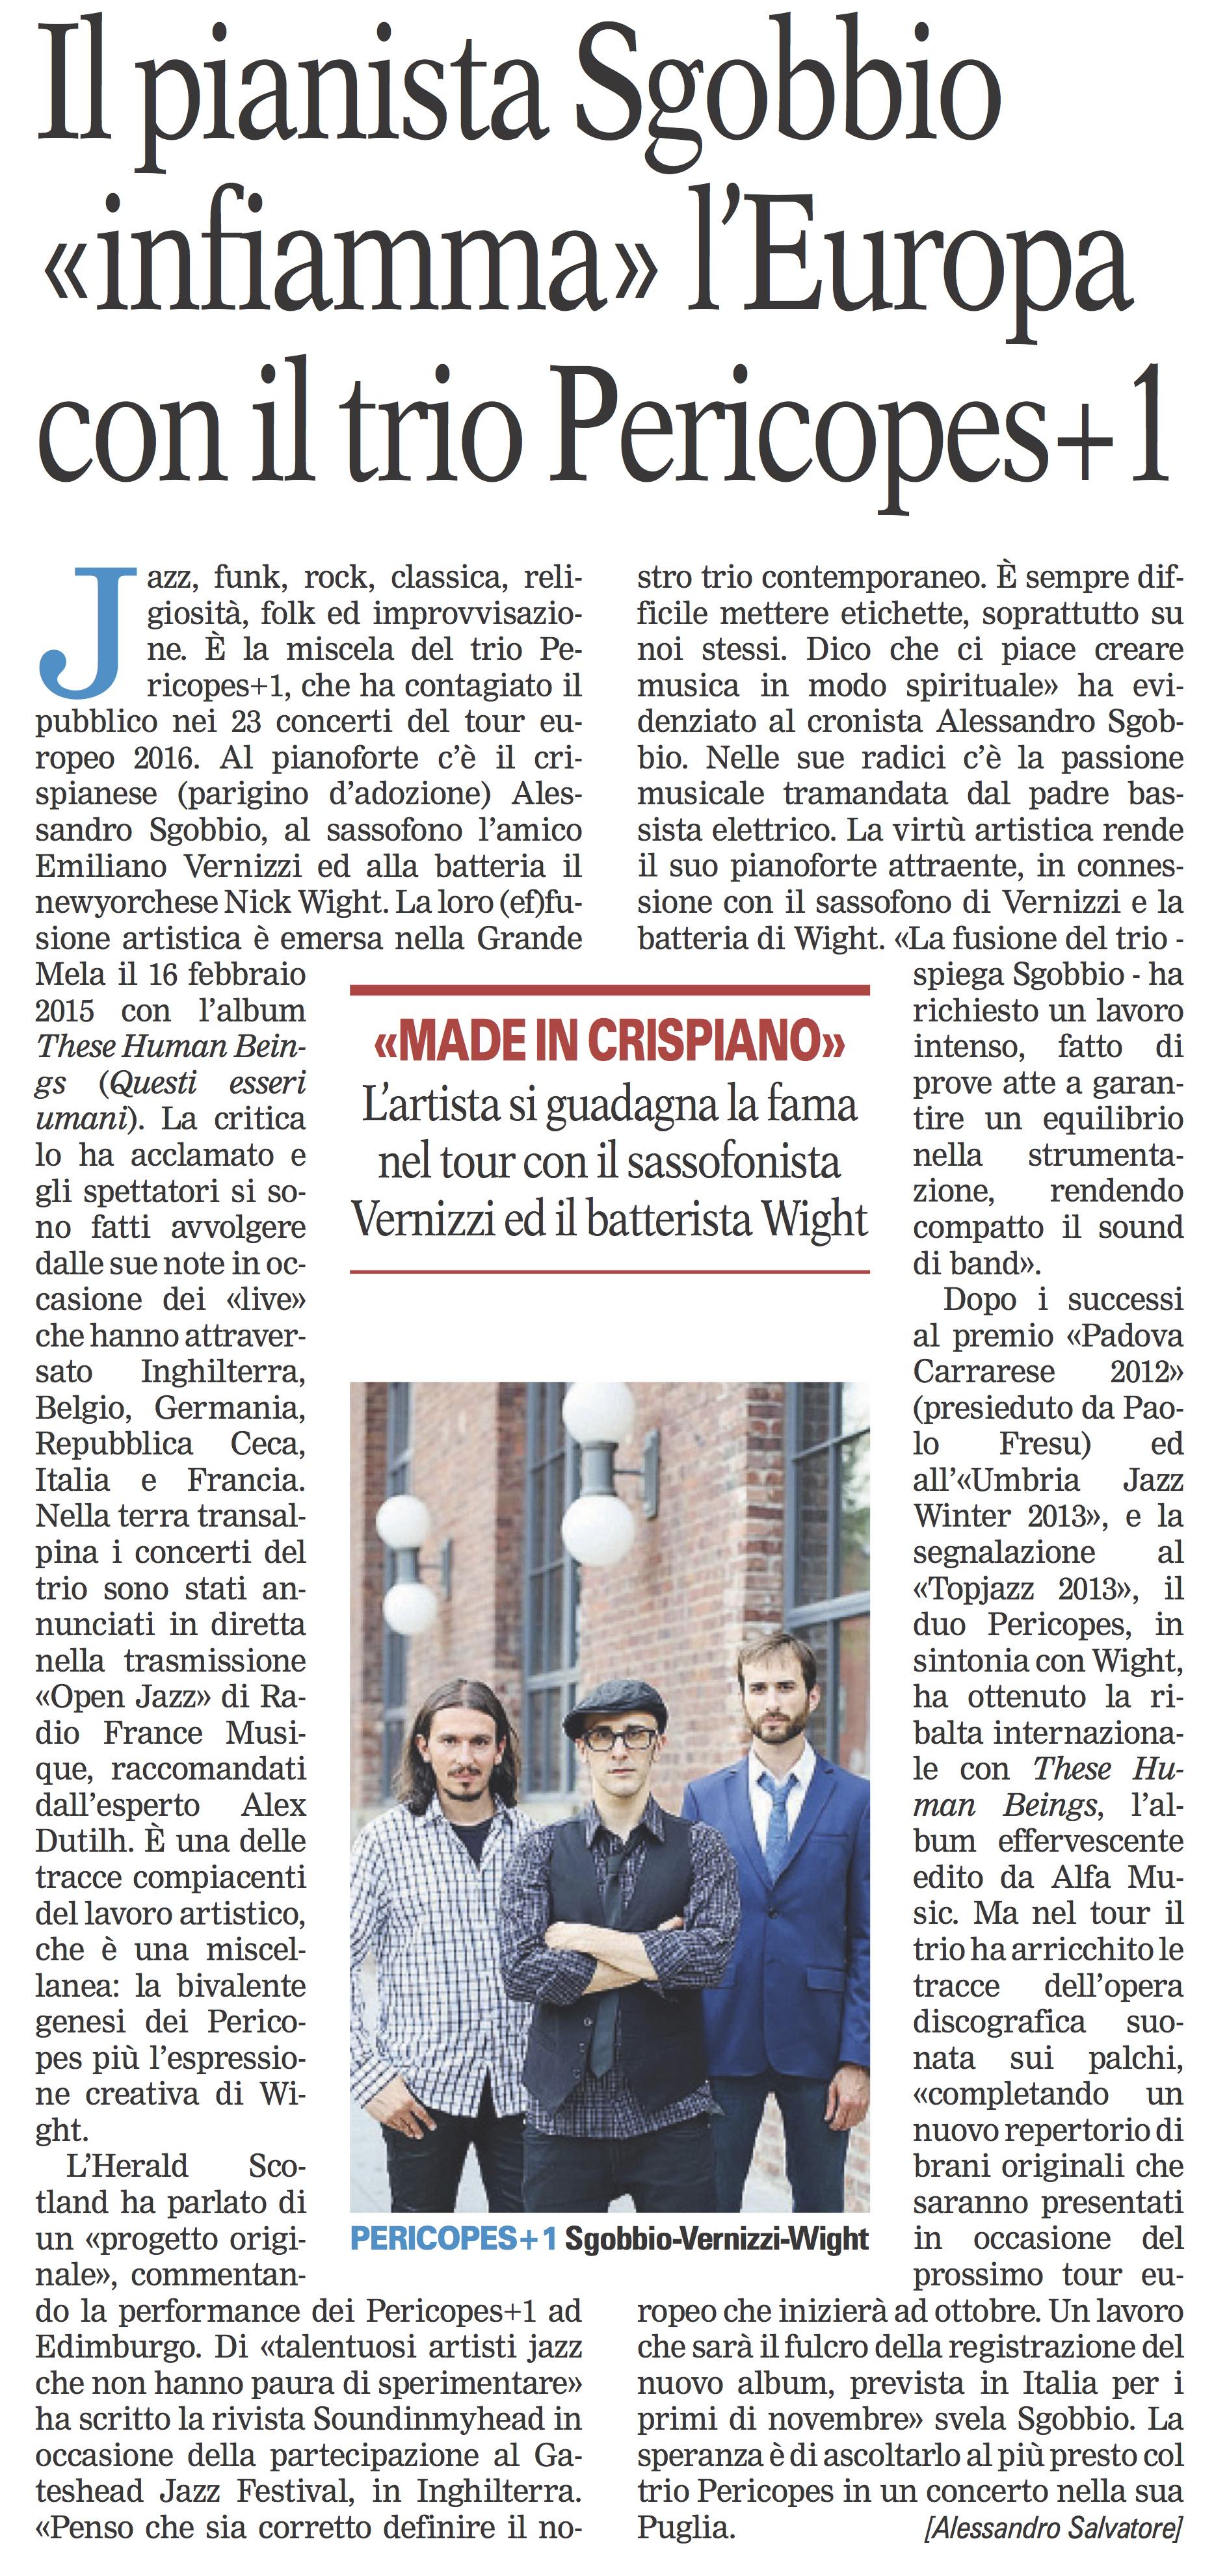 Pericopes+1 - La Gazzetta del Mezzogiorno 23-06-2016 mq